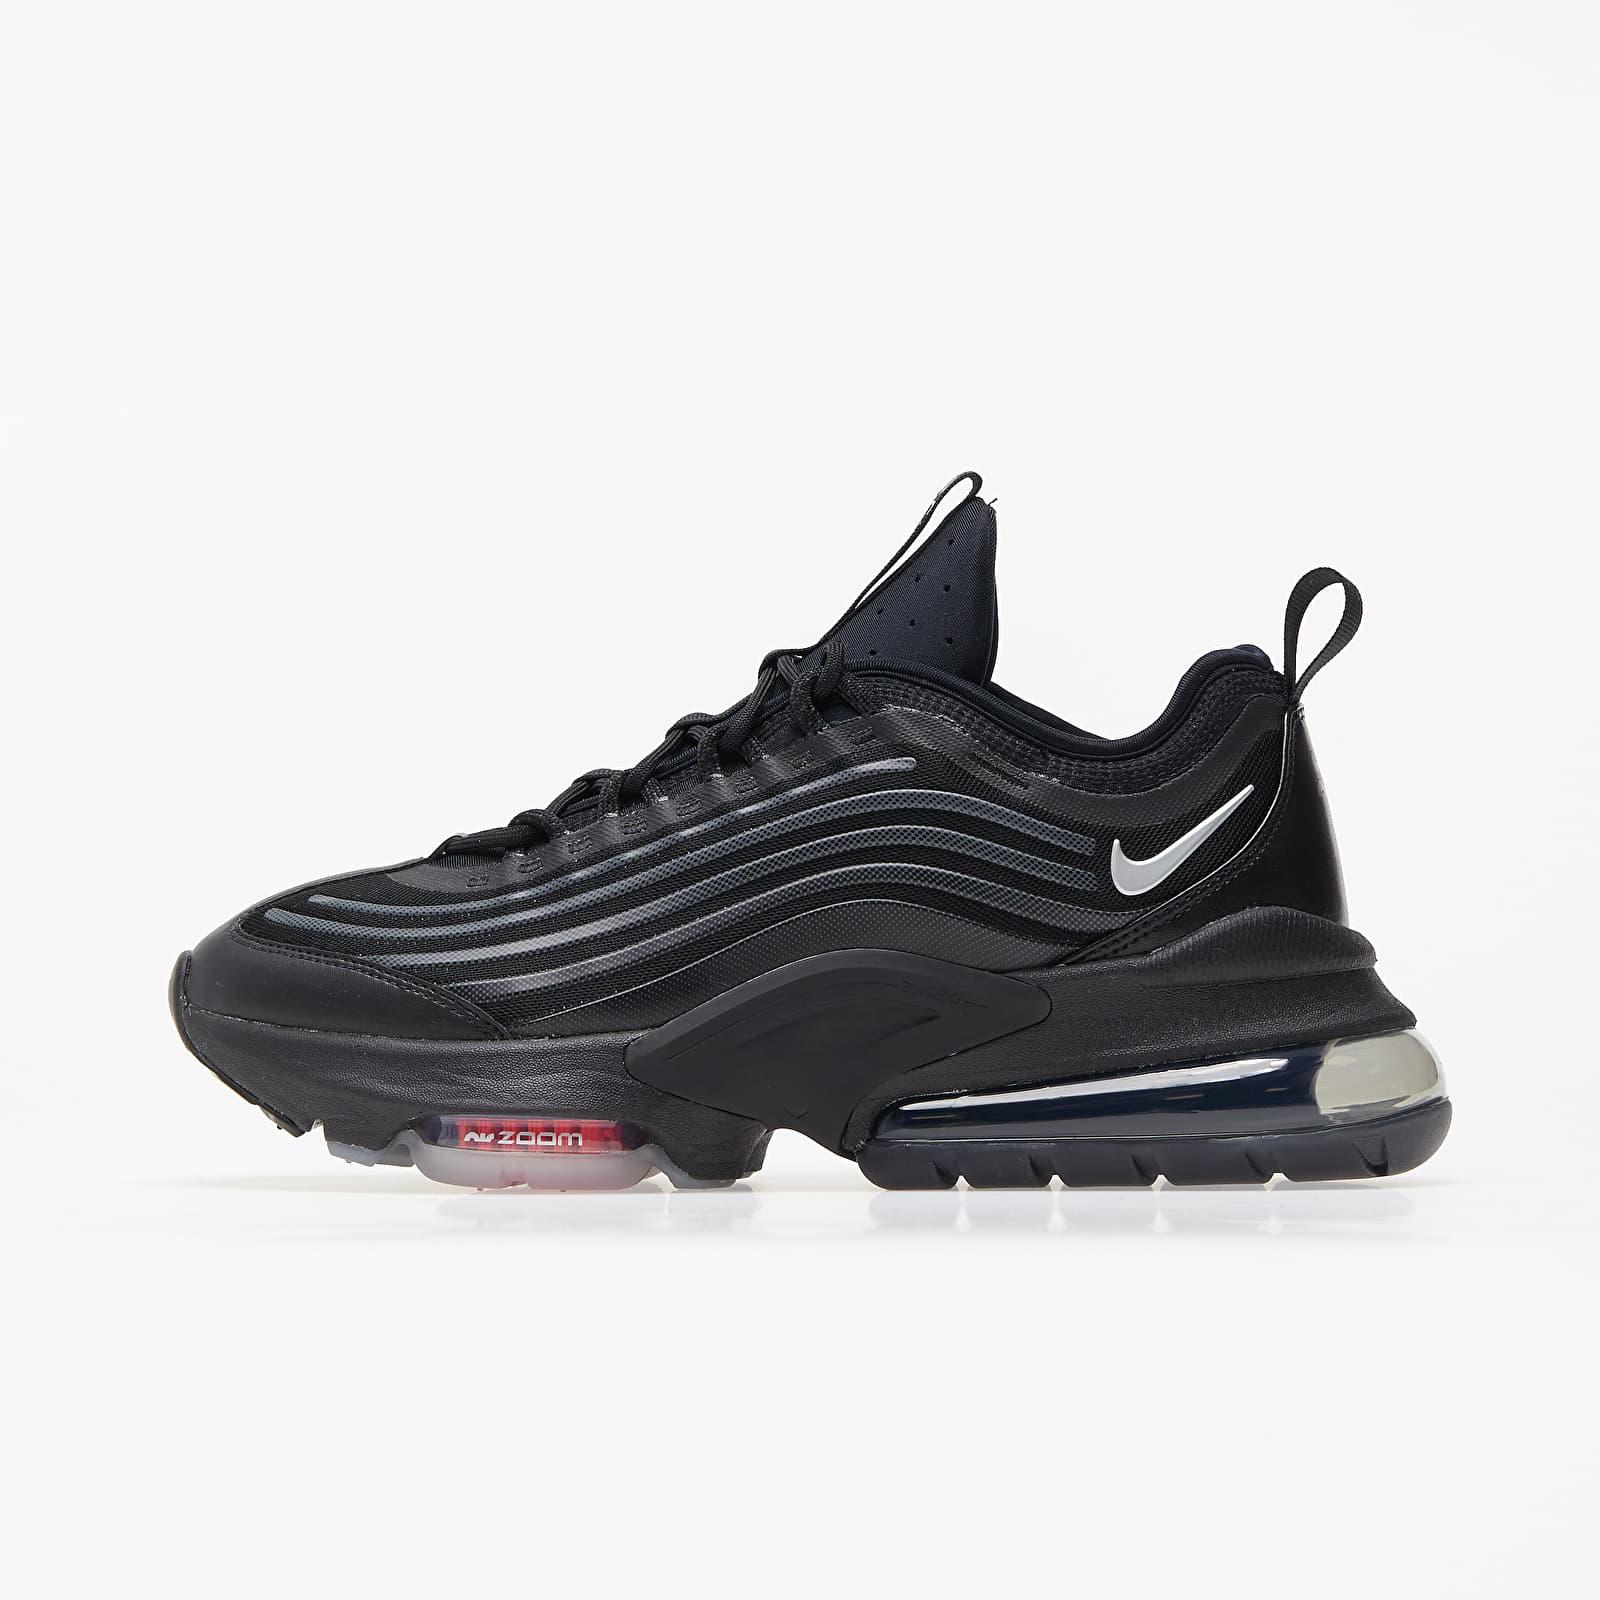 Încălțăminte și sneakerși pentru bărbați Nike Air Max ZM950 Black/ Black-Metallic Silver